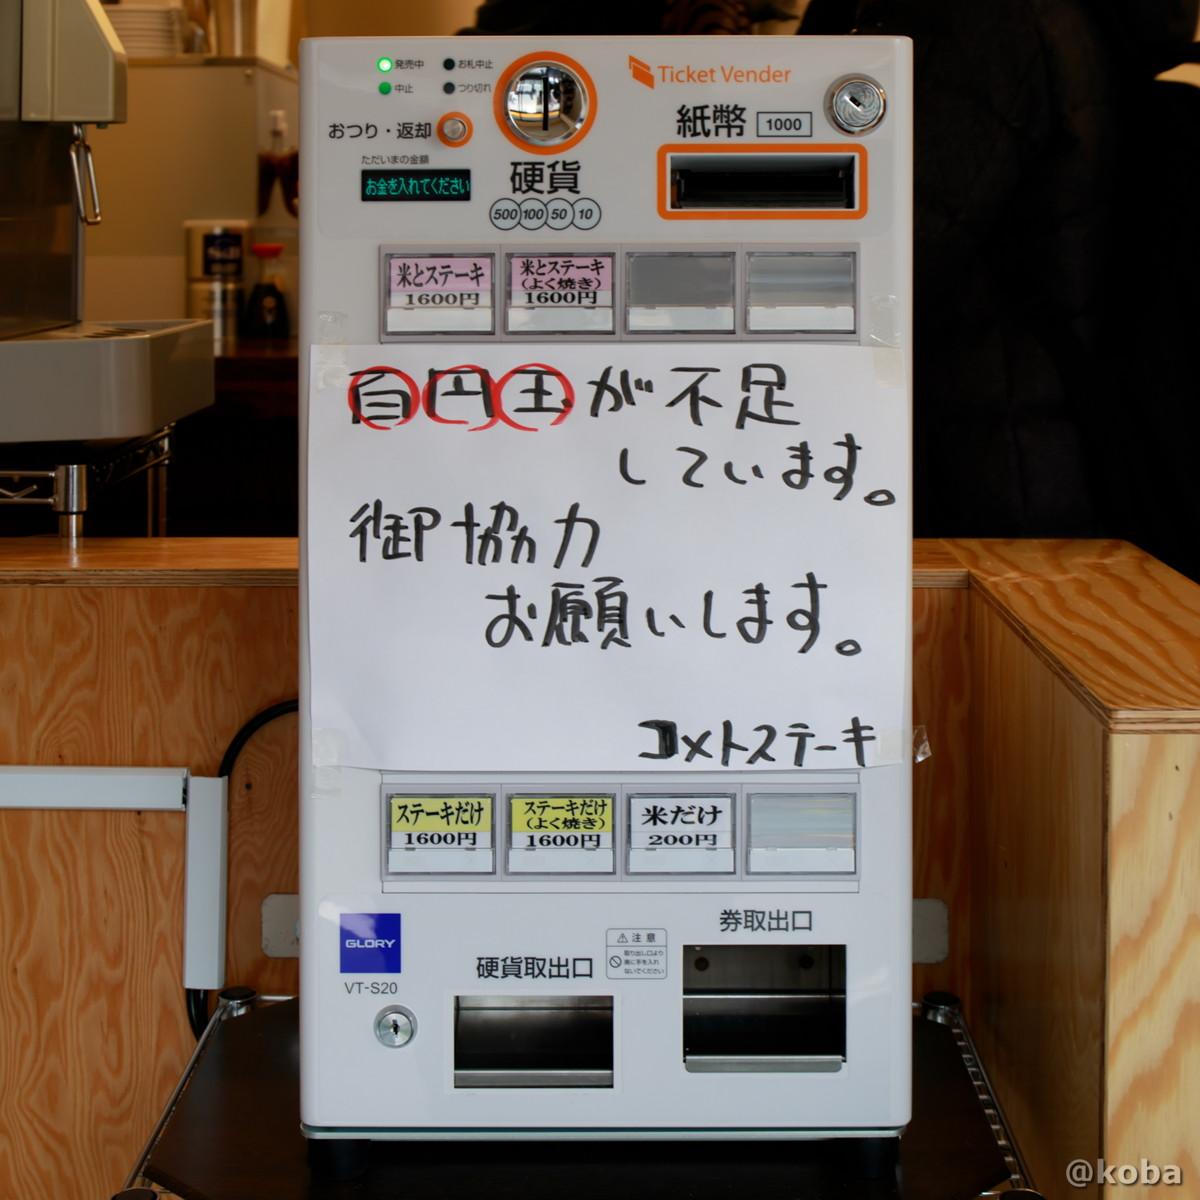 食券機の写真|コメトステーキ(米とステーキのお店) |東京都葛飾区・新小岩駅・松島|こばブログ